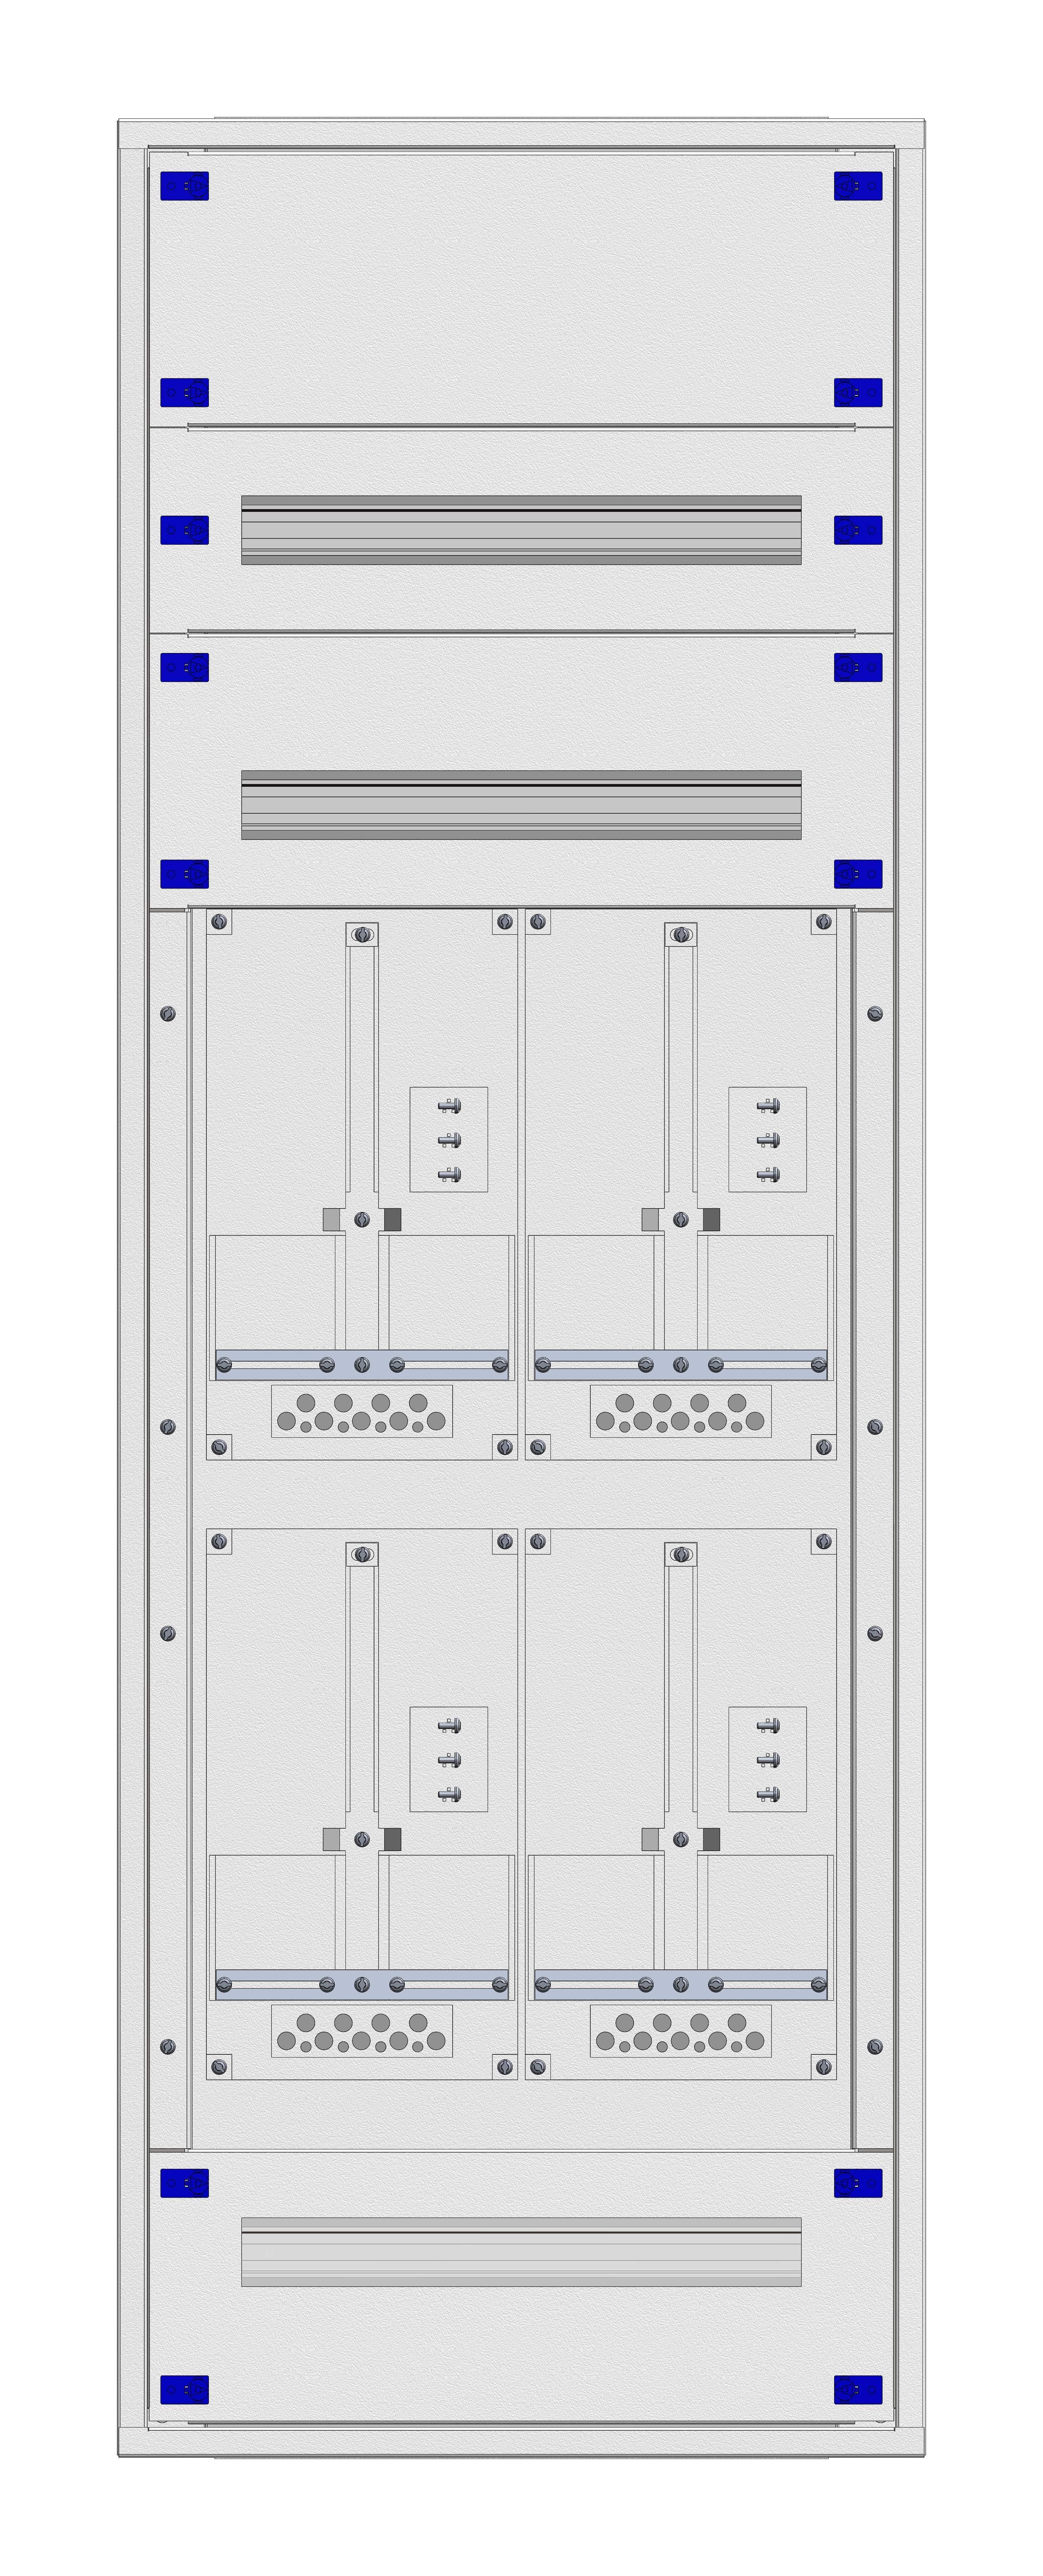 1 Stk Aufputz-Zählerverteiler 2A-33G/VBG 4ZP, H1605B590T250mm IL162233VS